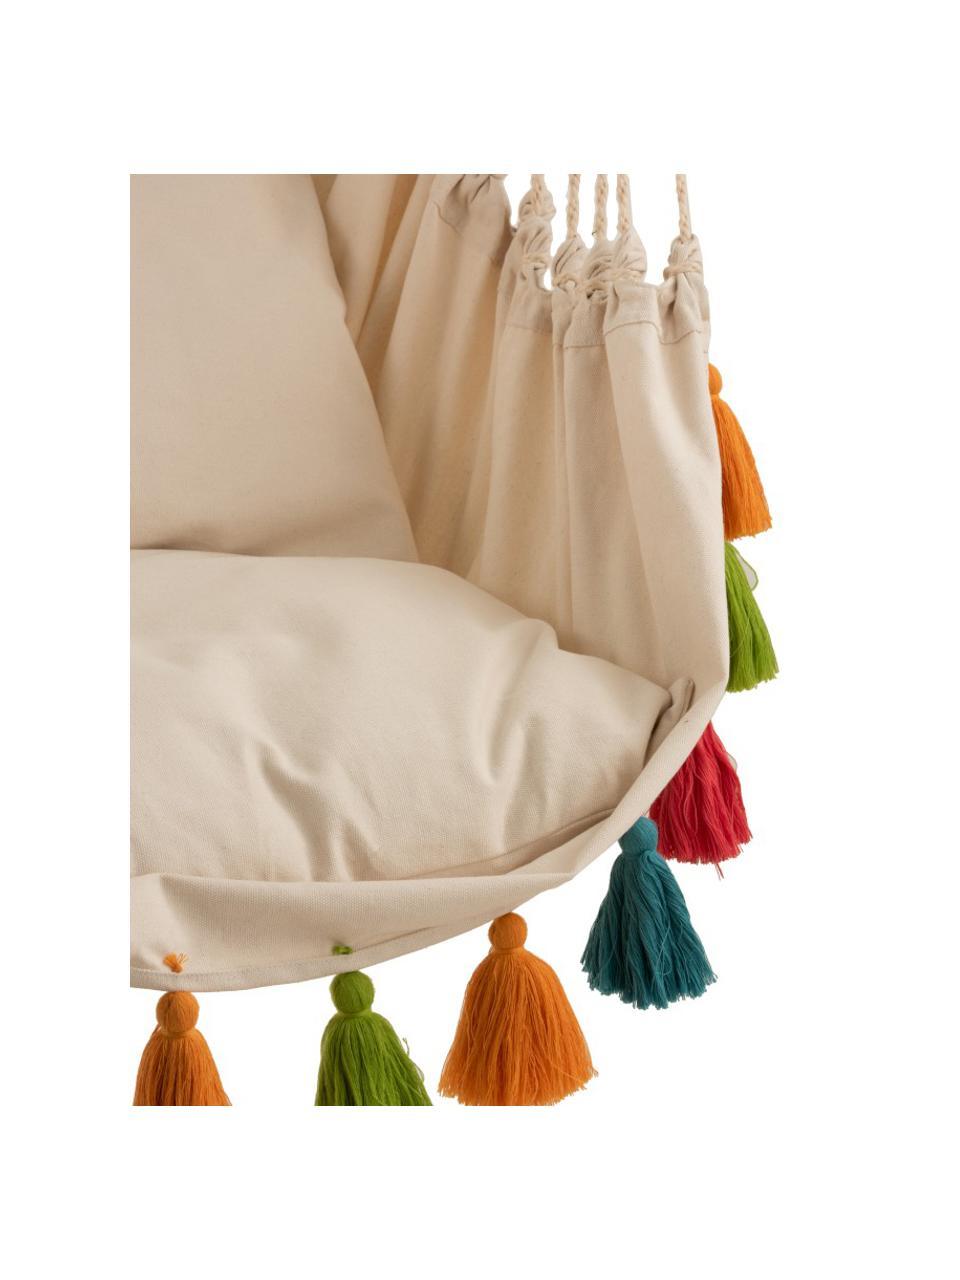 Fauteuil suspendu à houppes multicolores Quast, Couleur crème, multicolore